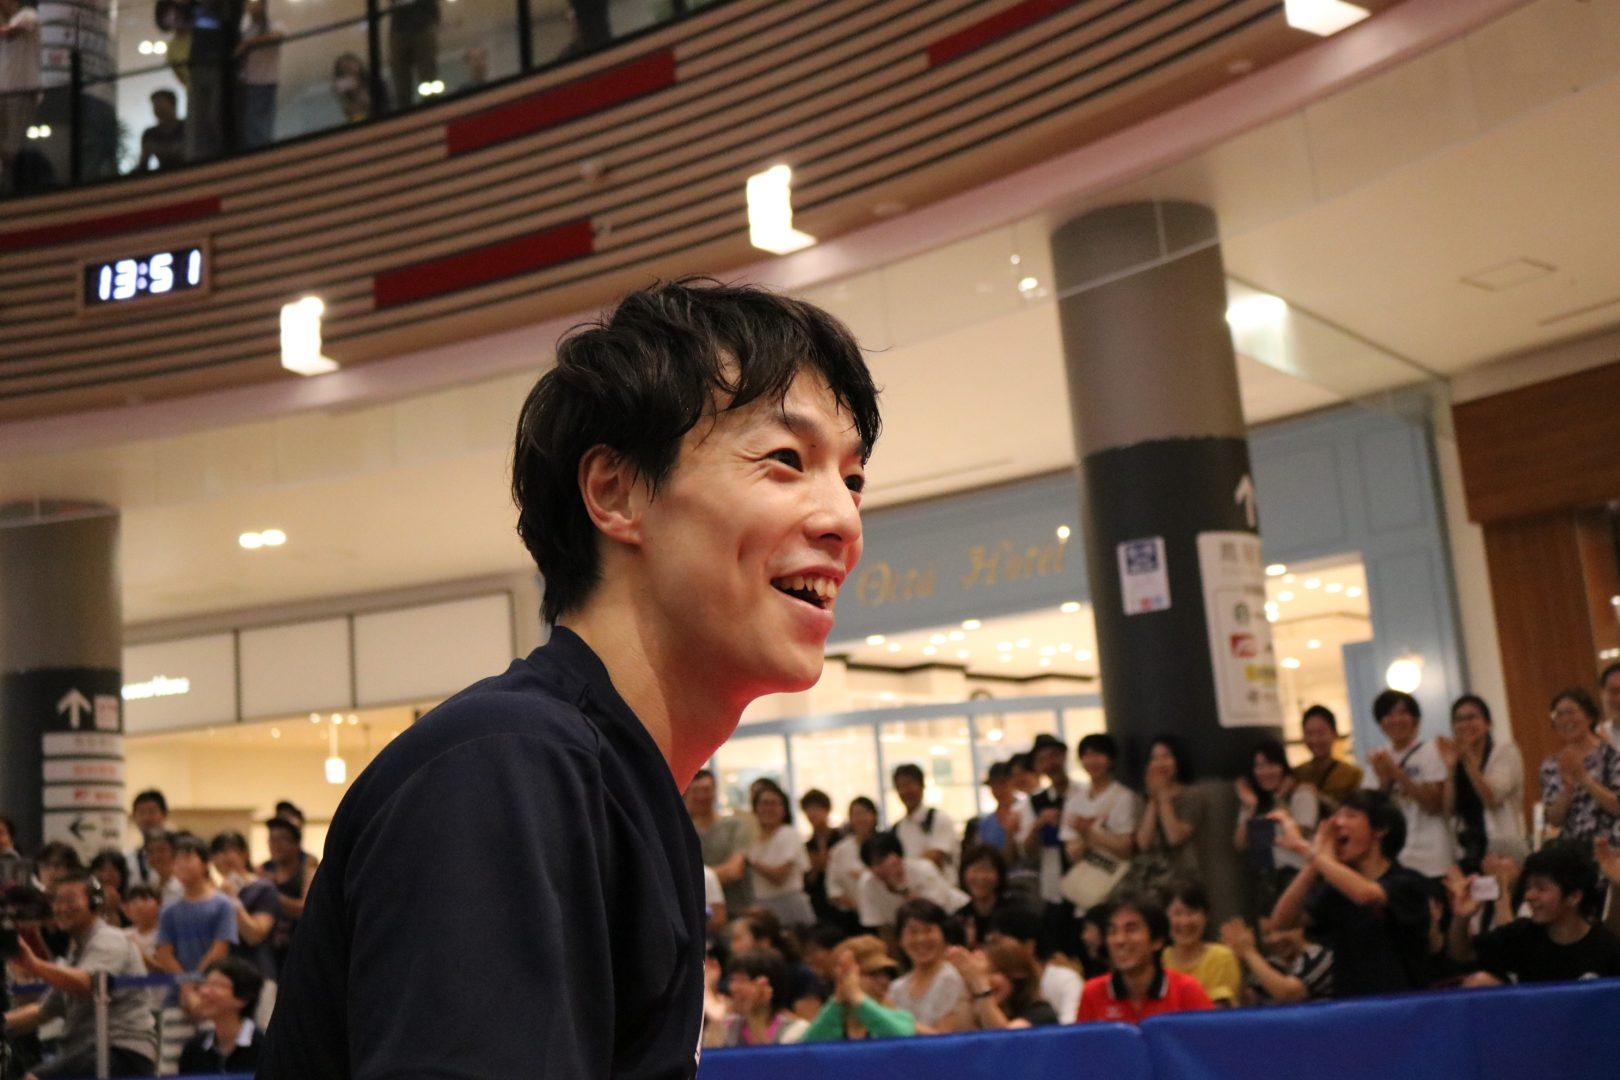 【卓球】松平賢二が会長を務める日本卓球リーグ選手会、公式Twitterのアイコンを披露